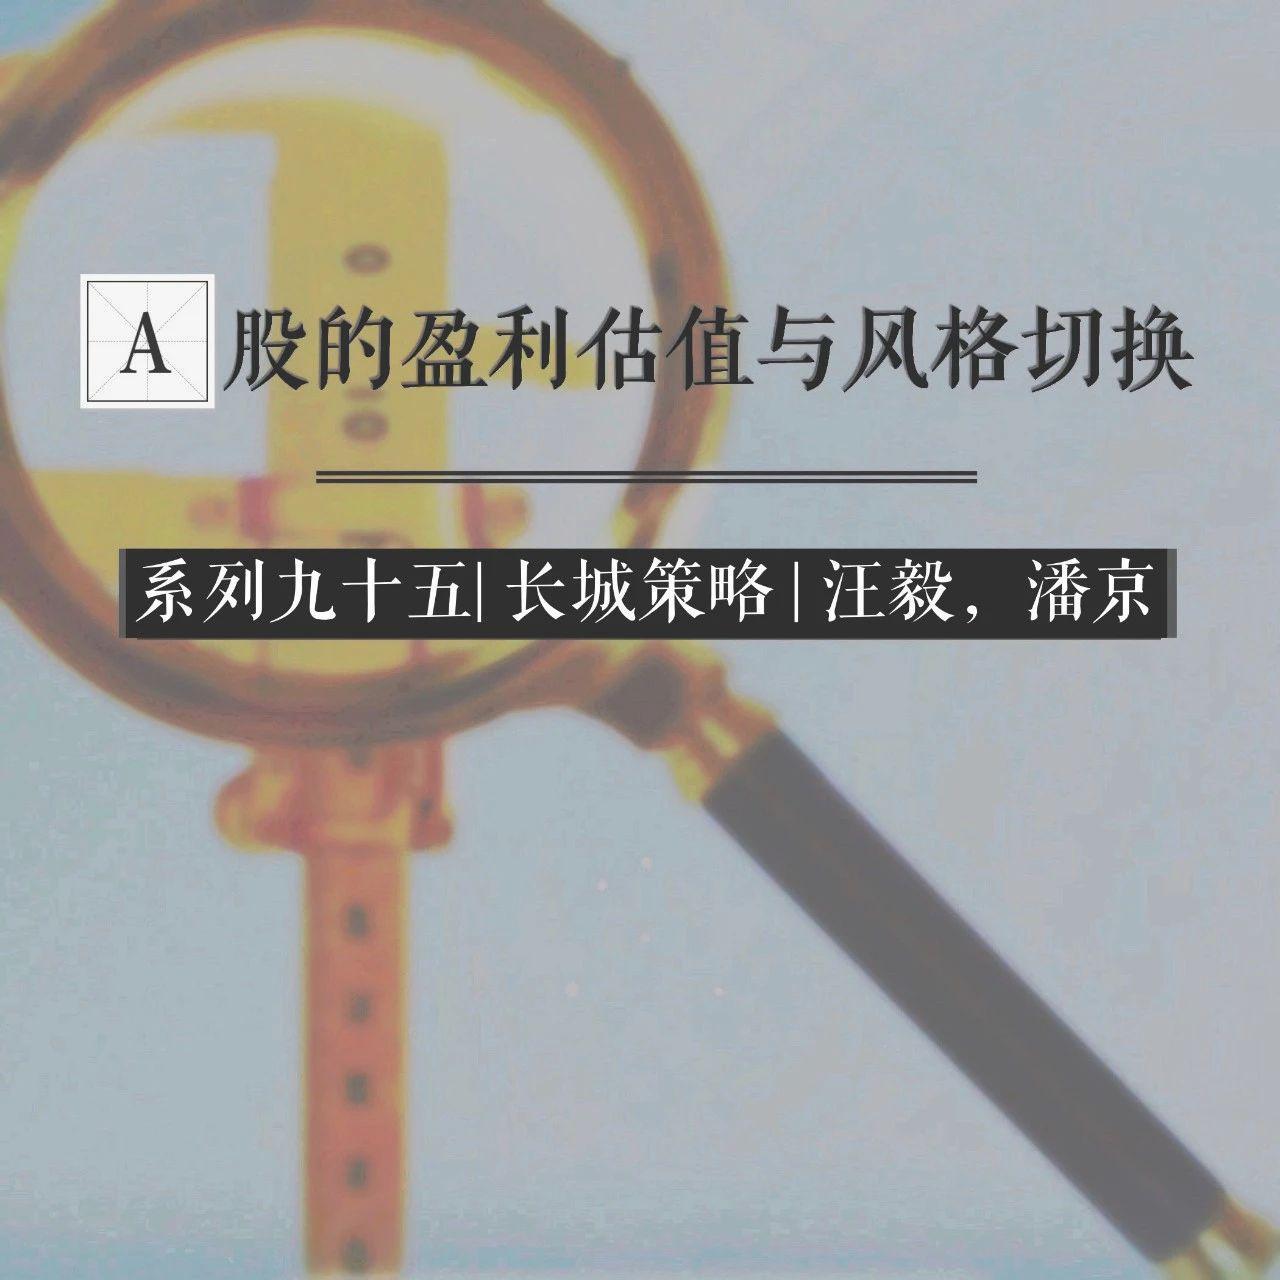 长城策略 | 汪毅,潘京|警惕下半年美国大选政治风险——A股的盈利估值与风格切换系列一百零二